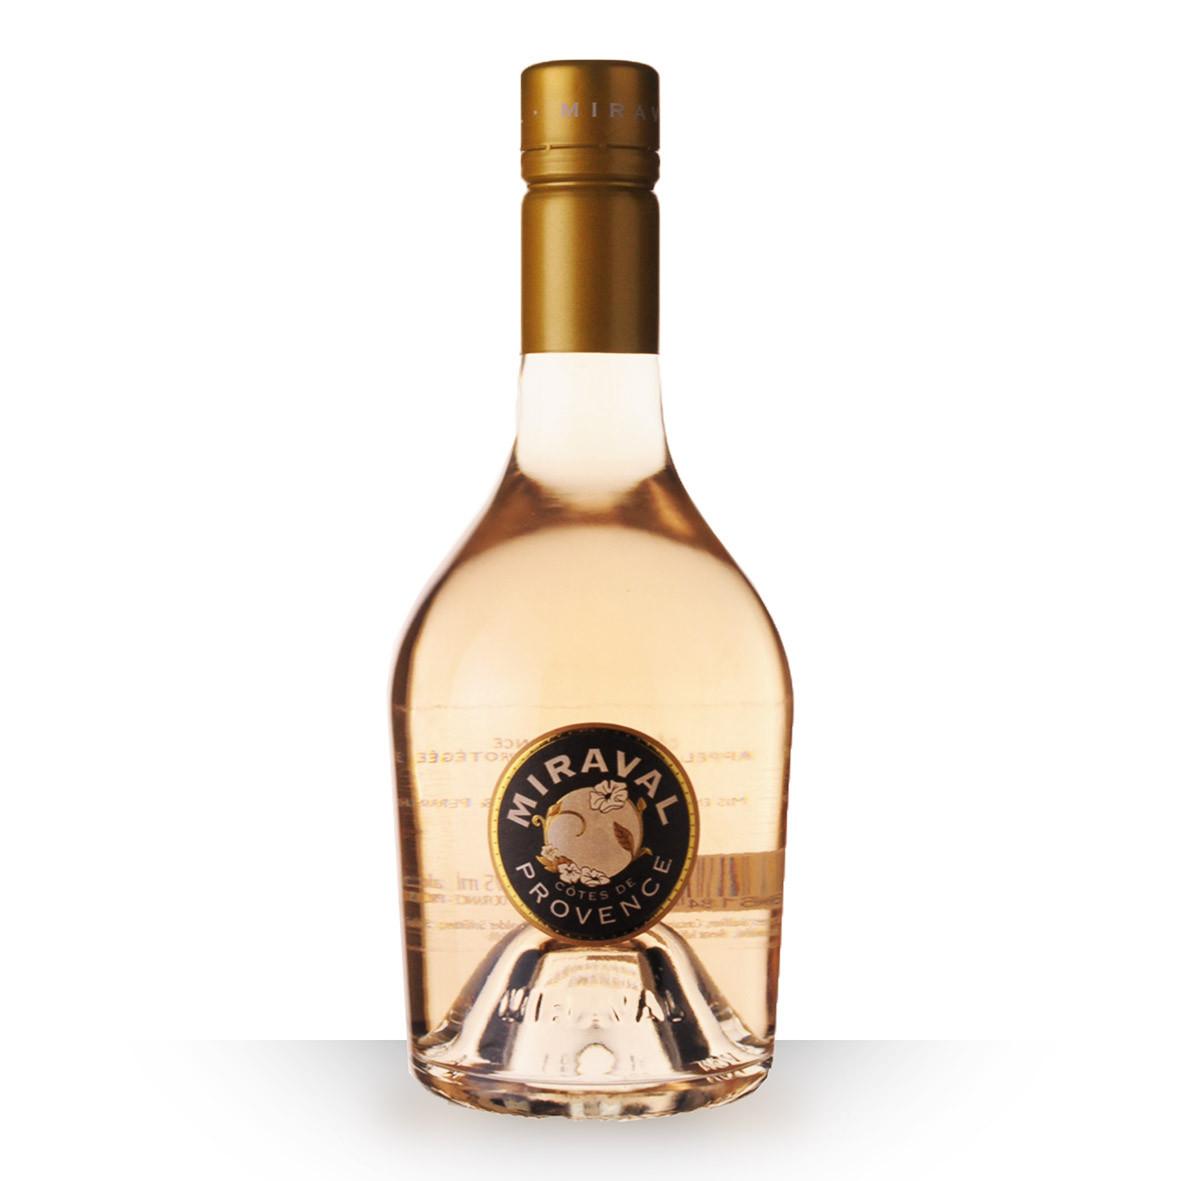 Miraval Côtes de Provence Rosé 2020 37,5cl www.odyssee-vins.com